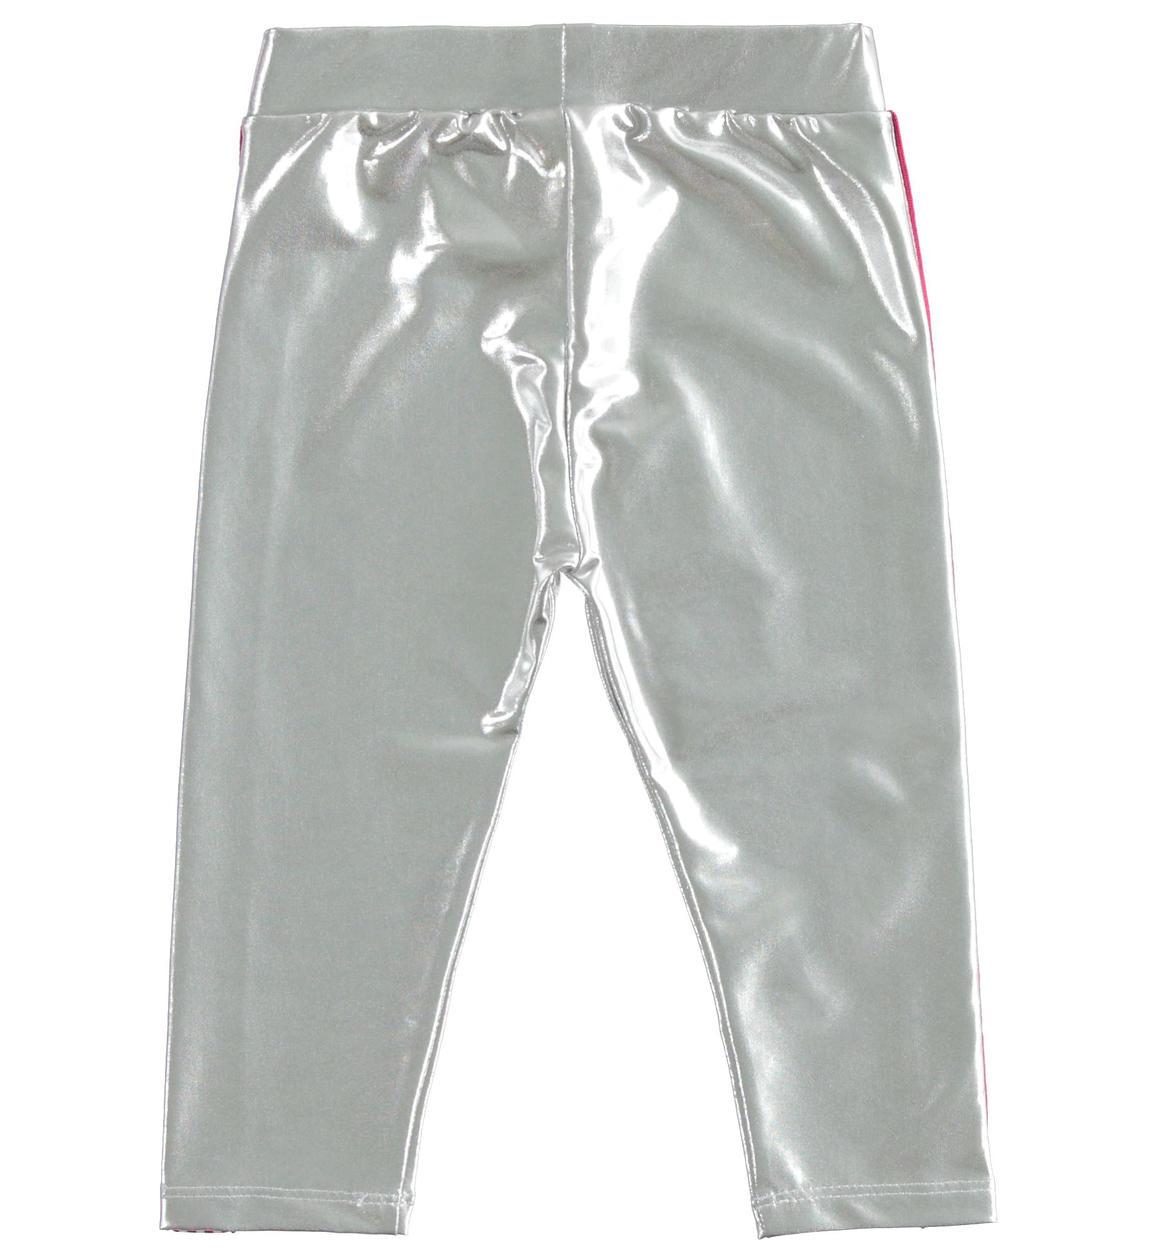 grintoso leggings in morbido tessuto ela silver retro 02 1584j33400 1157 150x150